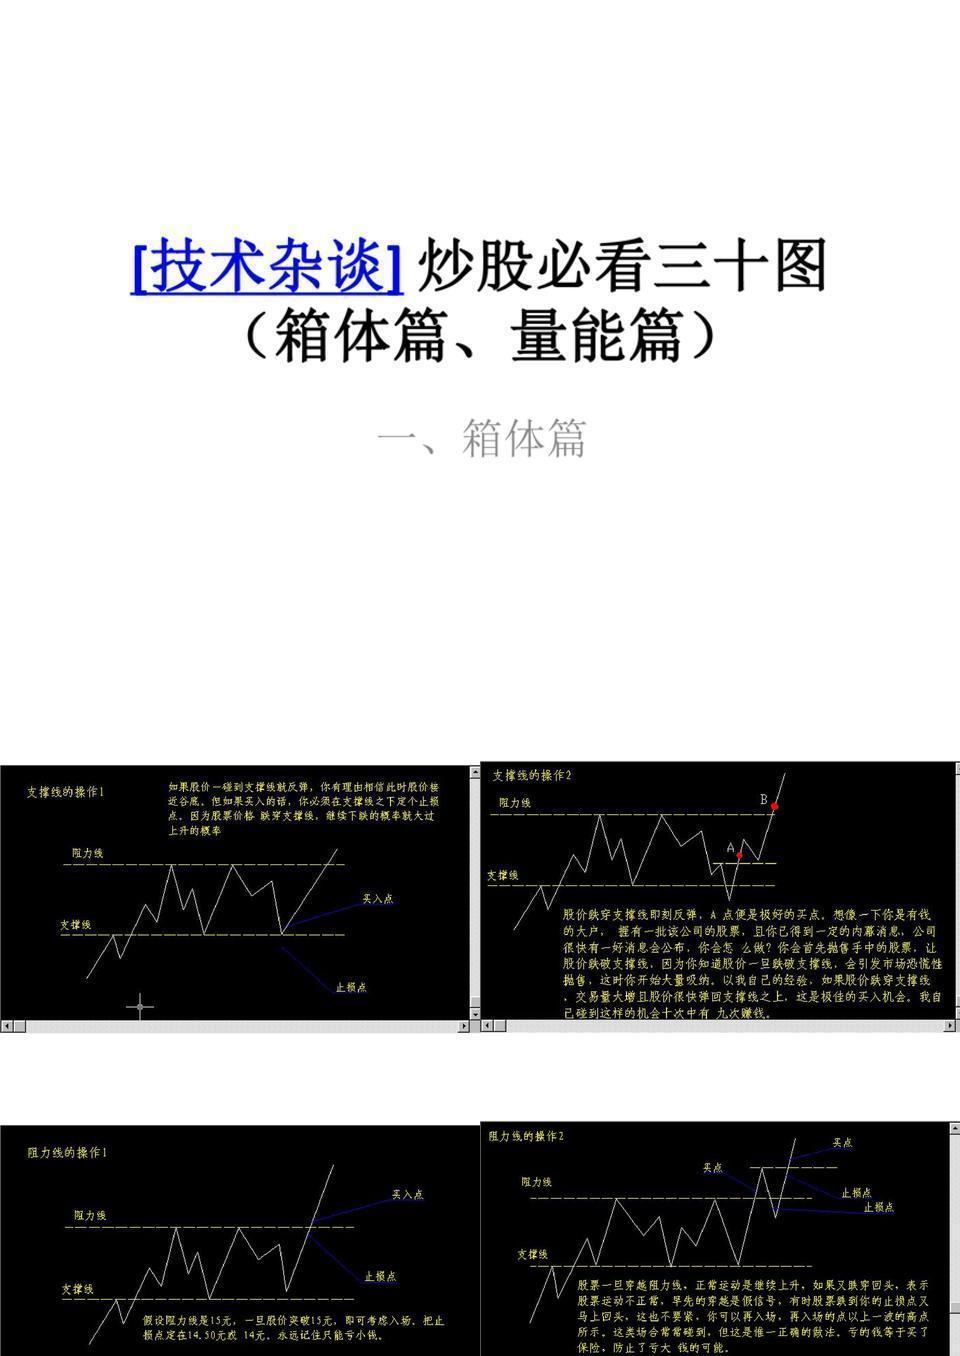 【炒股必看】炒股必看三十图(箱体篇、量能篇).ppt